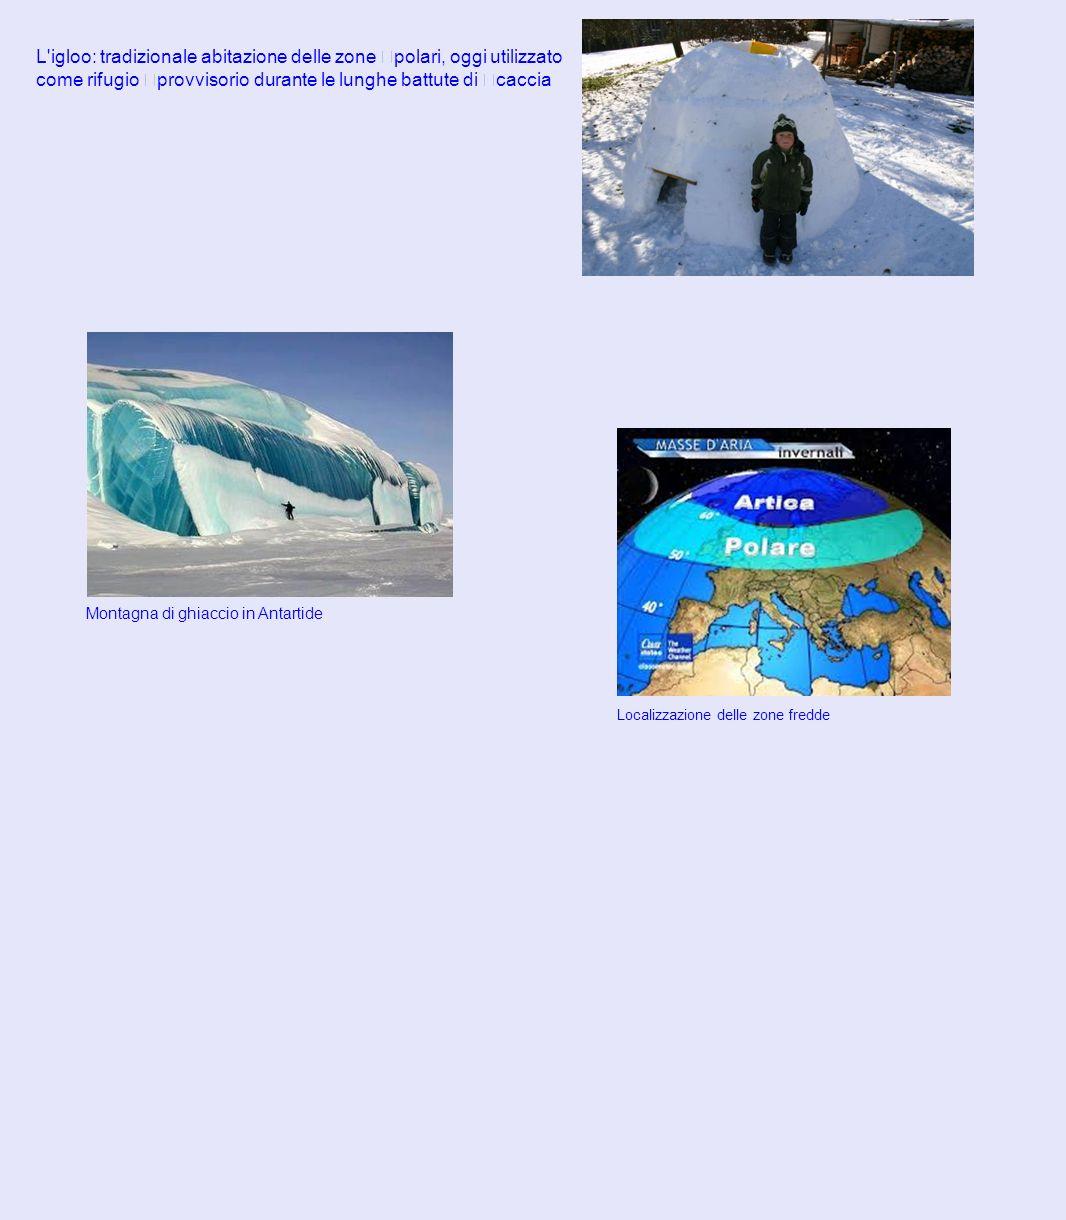 L igloo: tradizionale abitazione delle zone polari, oggi utilizzato come rifugio provvisorio durante le lunghe battute di caccia